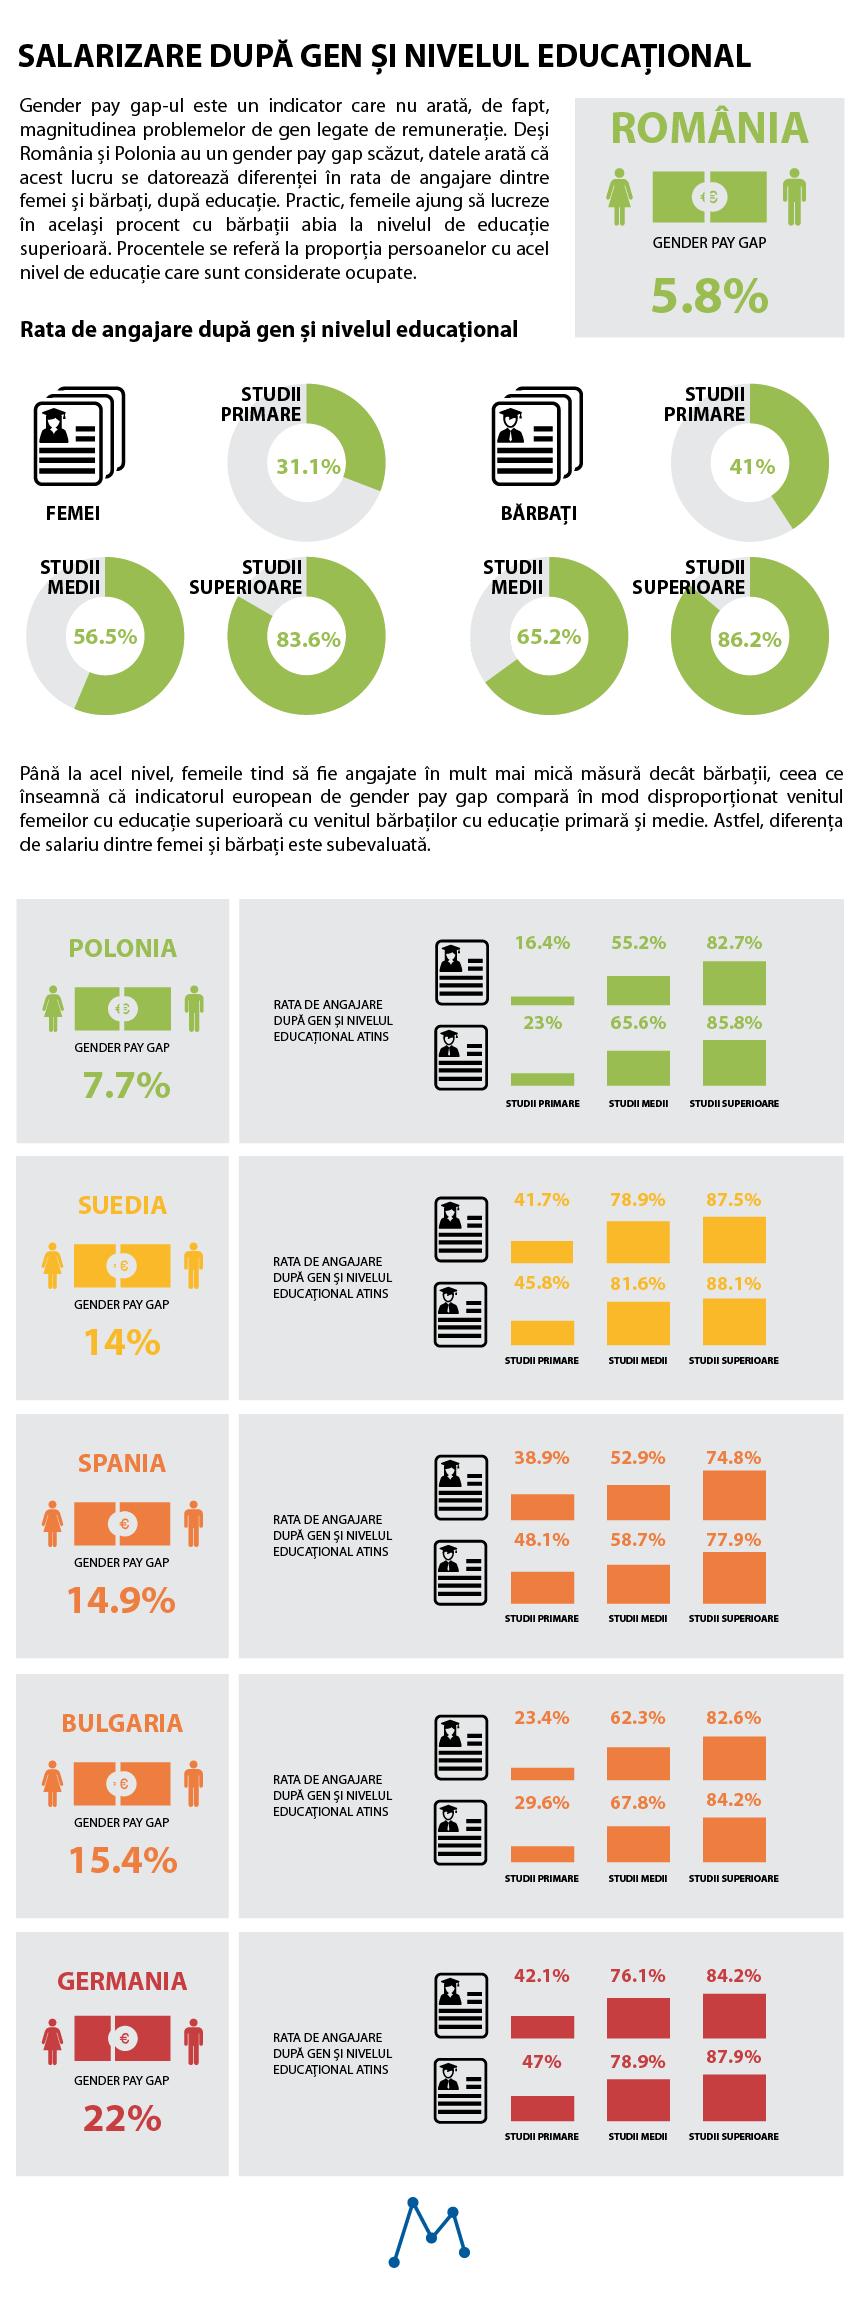 evaluarea dinamicii si structurii populatiei in diferite regiuni